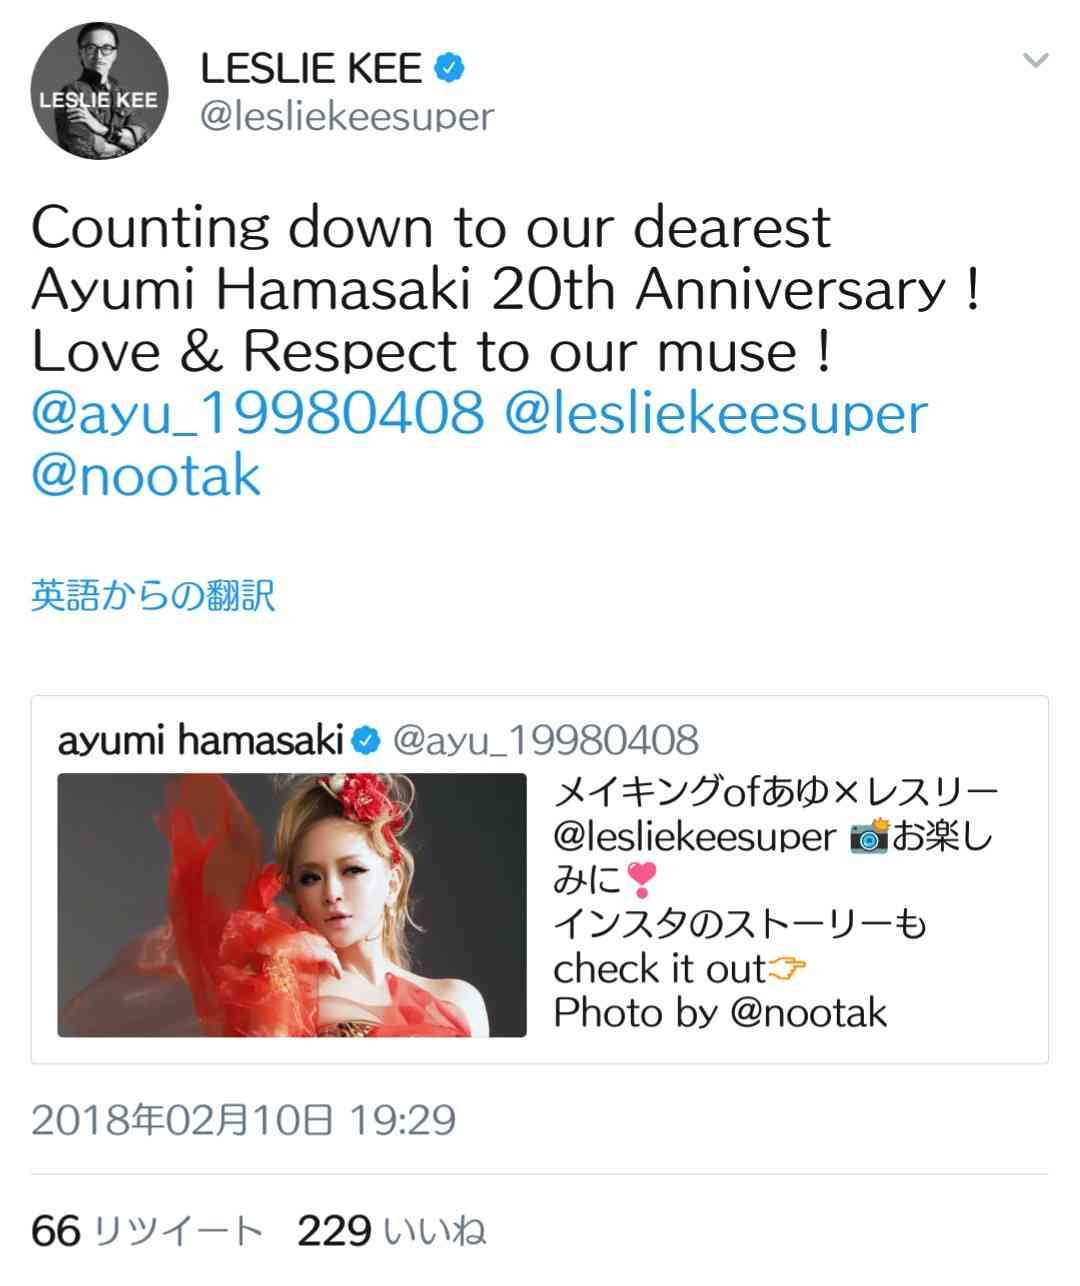 浜崎あゆみ、妖艶な赤ドレスの写真公開で「ゴージャスあゆ」「美し過ぎる」